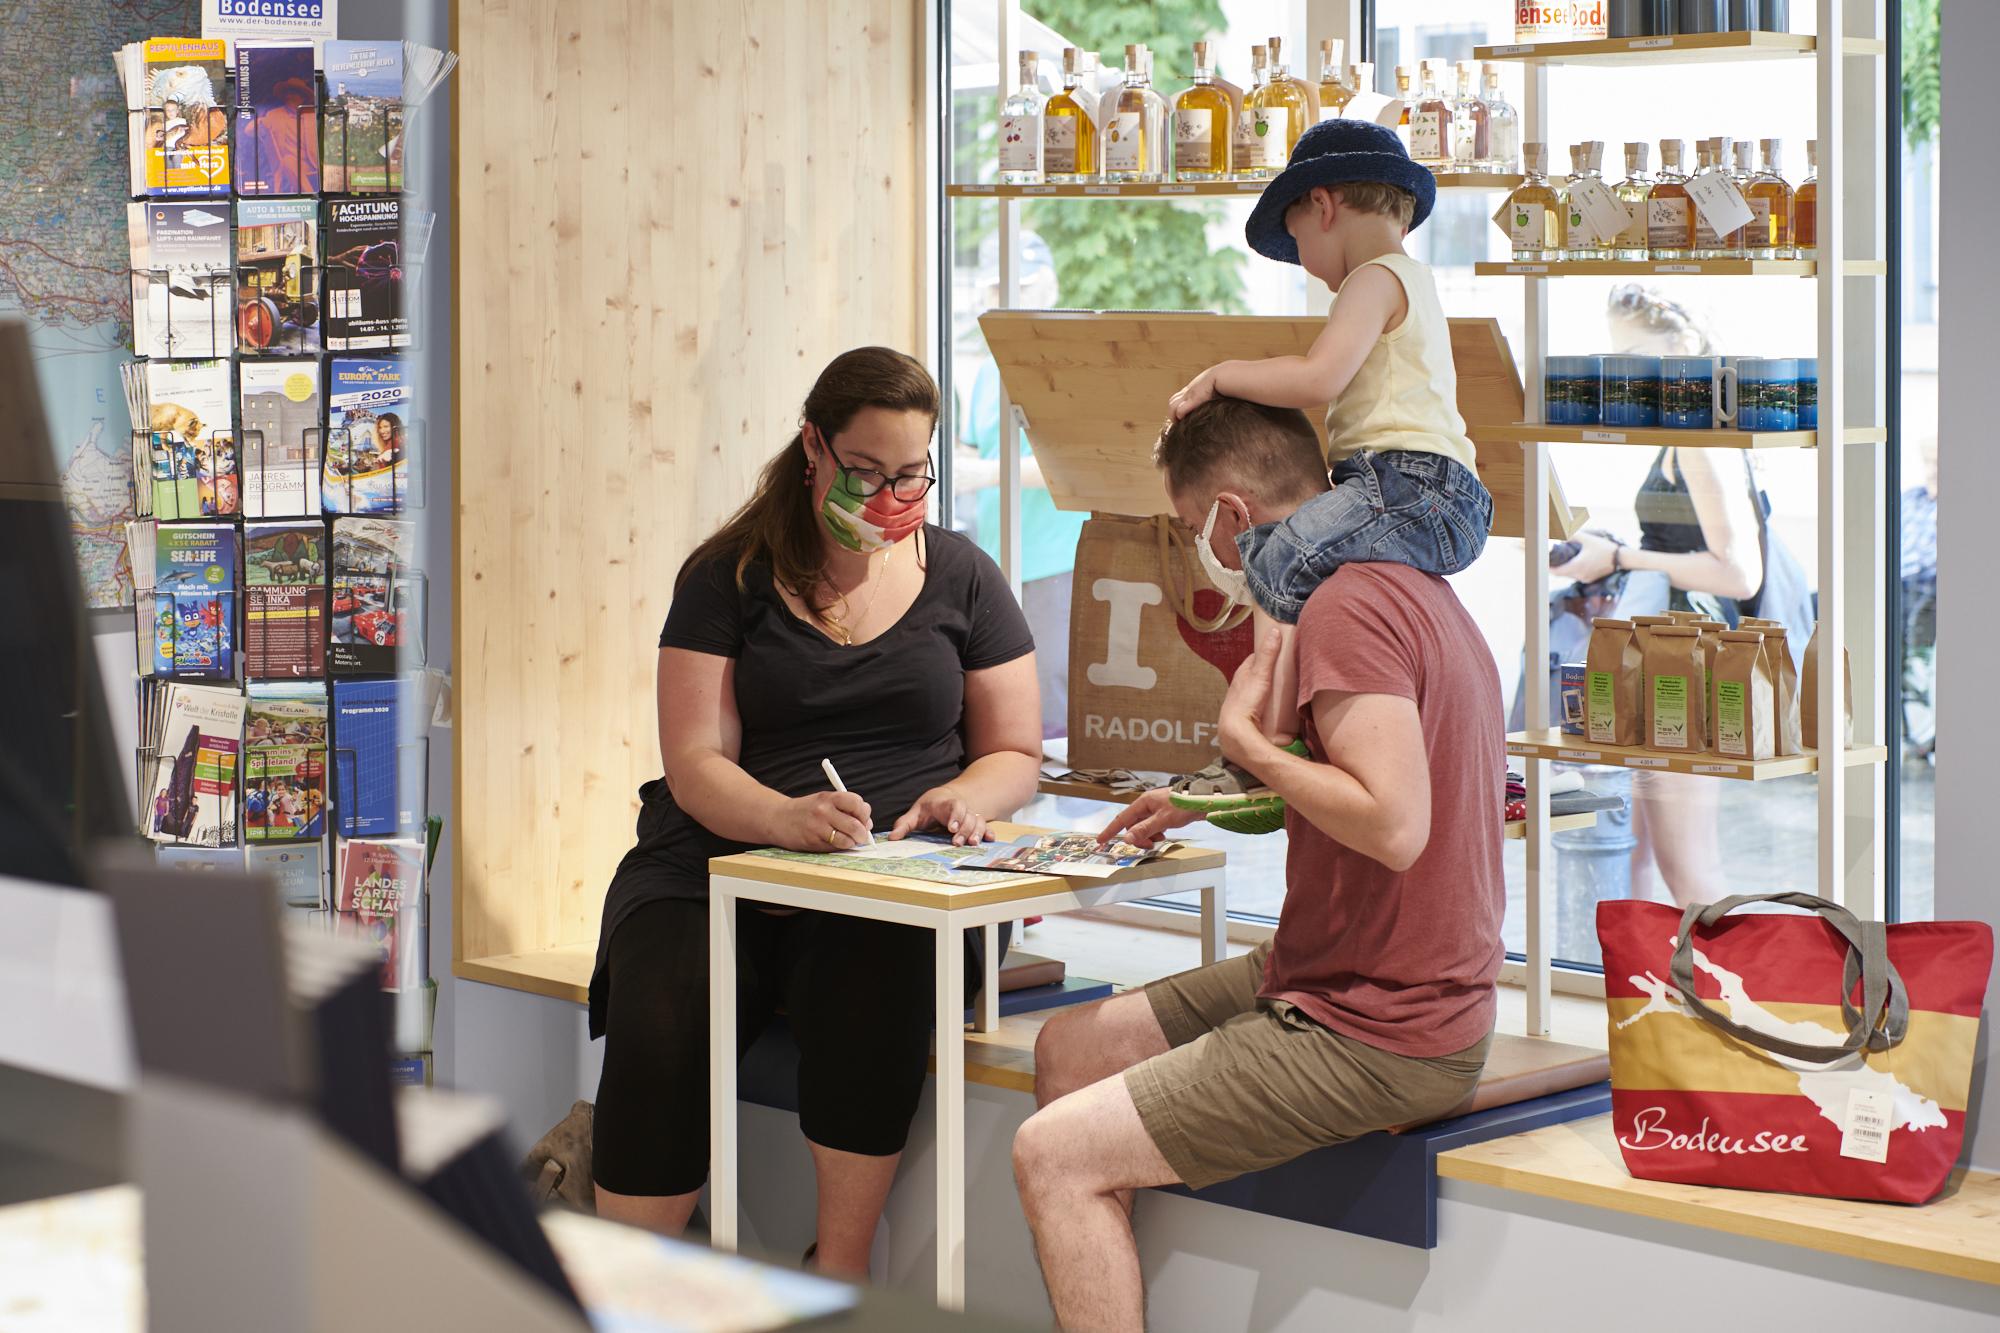 Urlaubsplanung direkt in der Tourist-Information Radolfzell